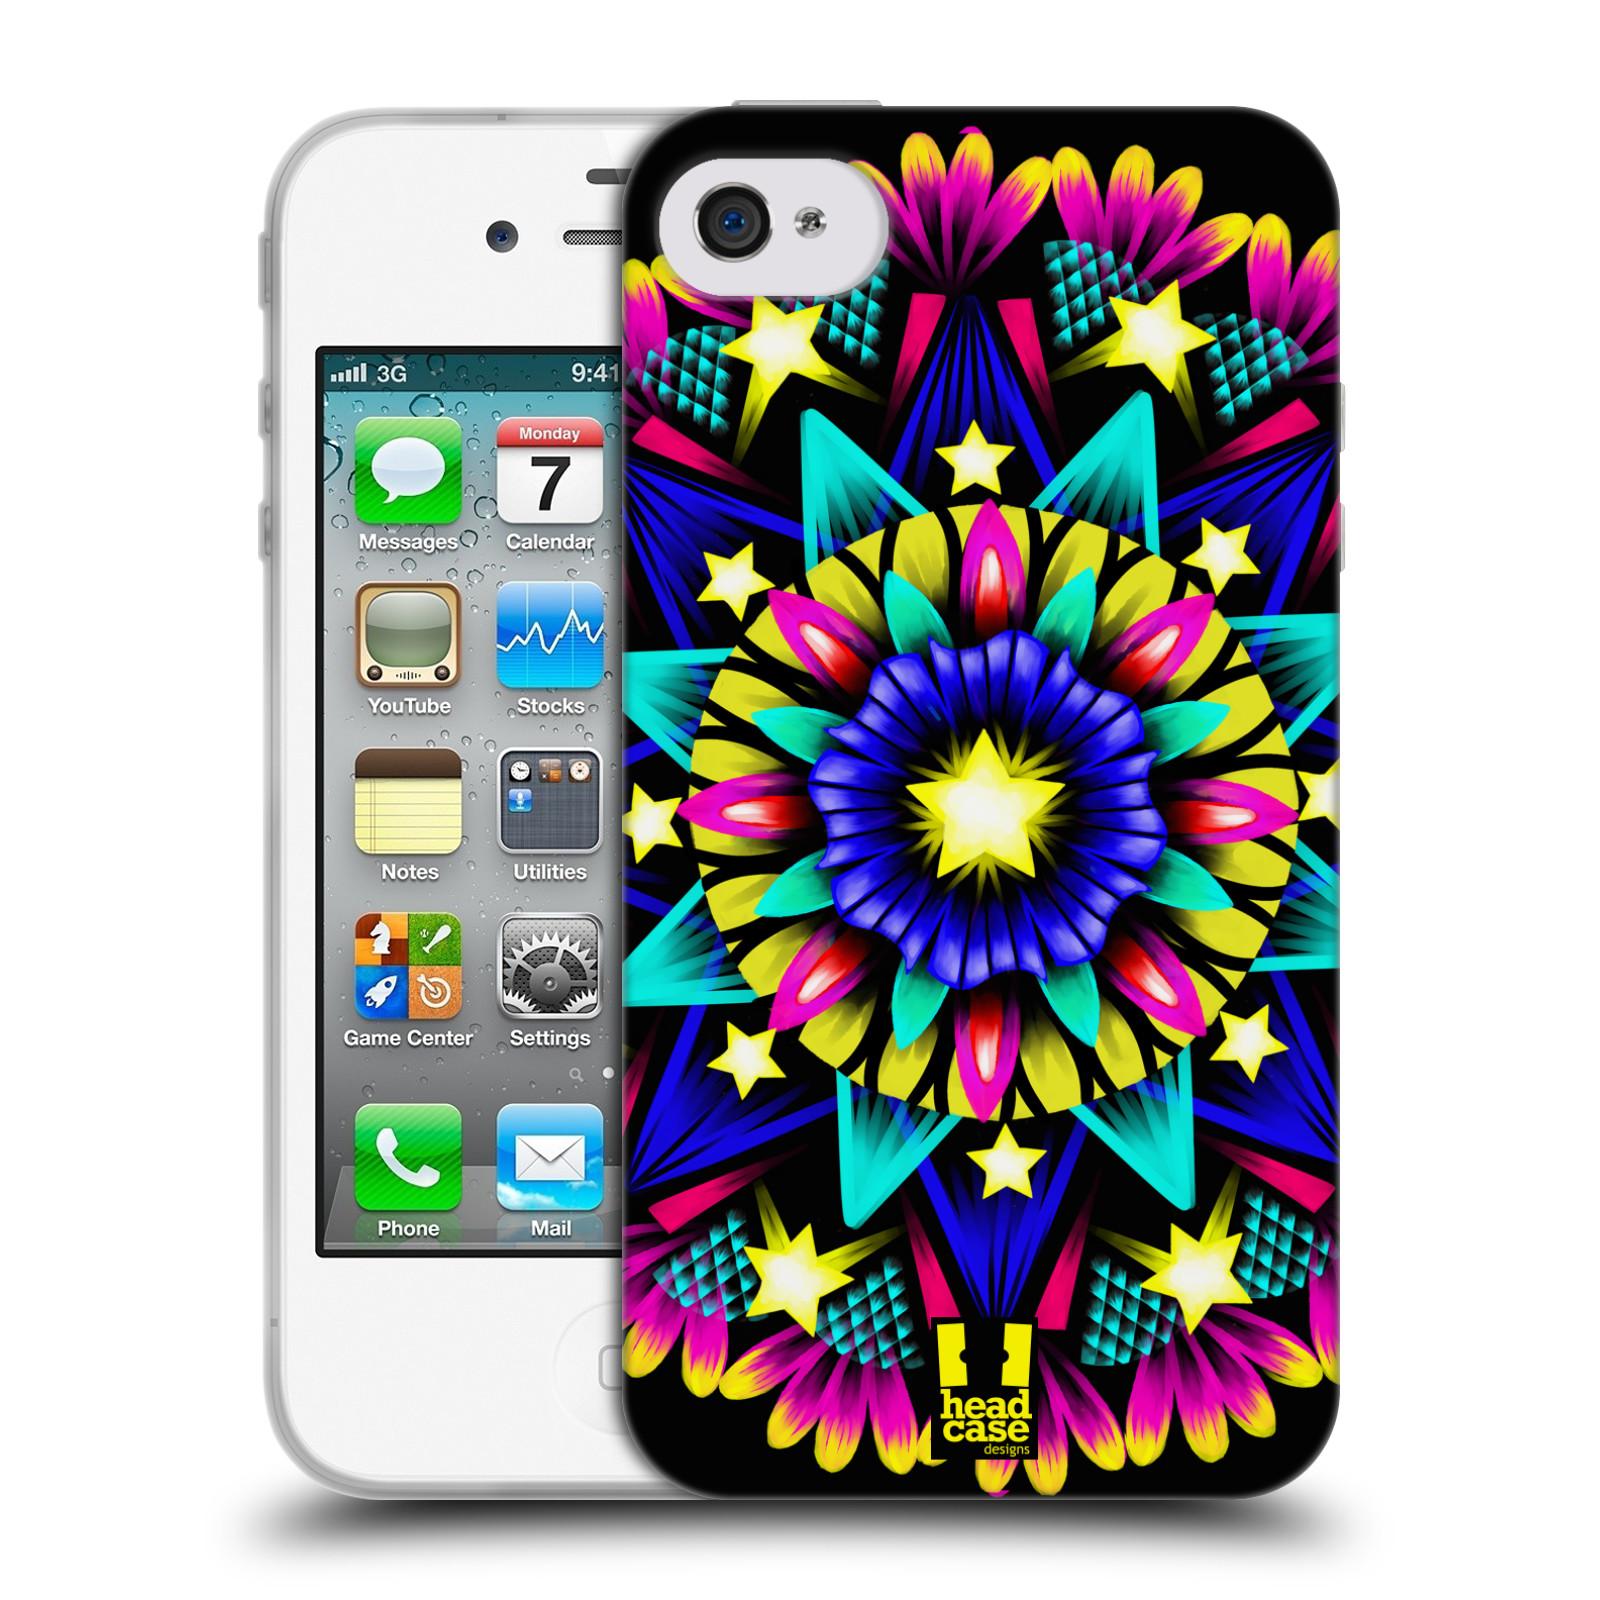 HEAD CASE silikonový obal na mobil Apple Iphone 4/4S vzor Indie Mandala kaleidoskop barevný vzor HVĚZDA